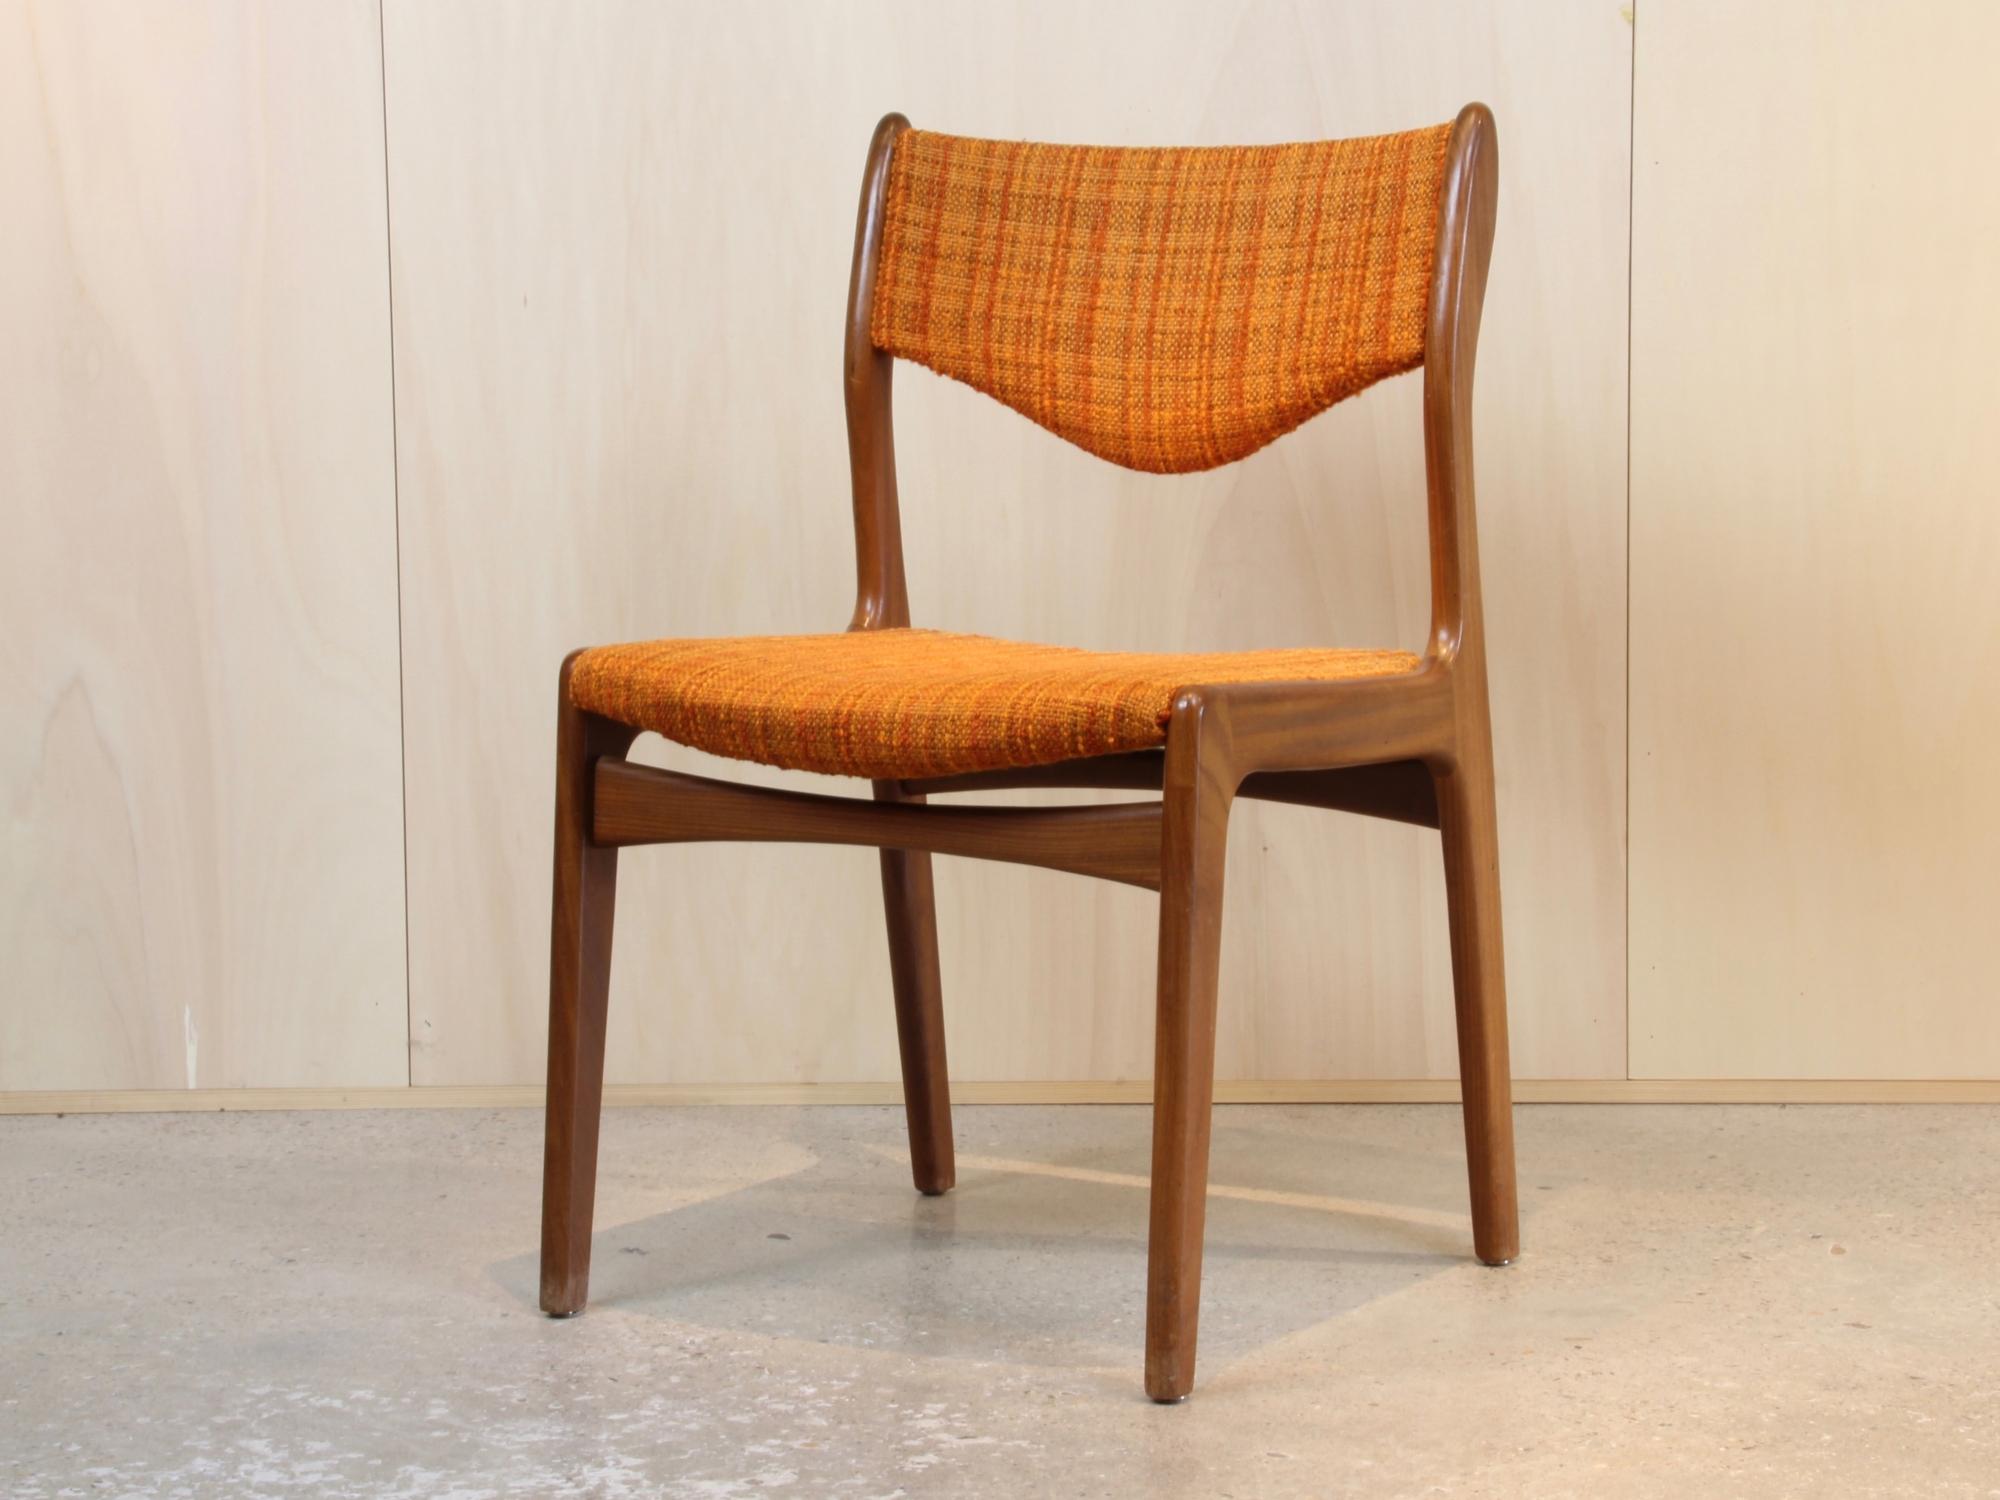 Fine Johannes Andersen For Mahjongg Vlaardingen Four Chairs With Inzonedesignstudio Interior Chair Design Inzonedesignstudiocom